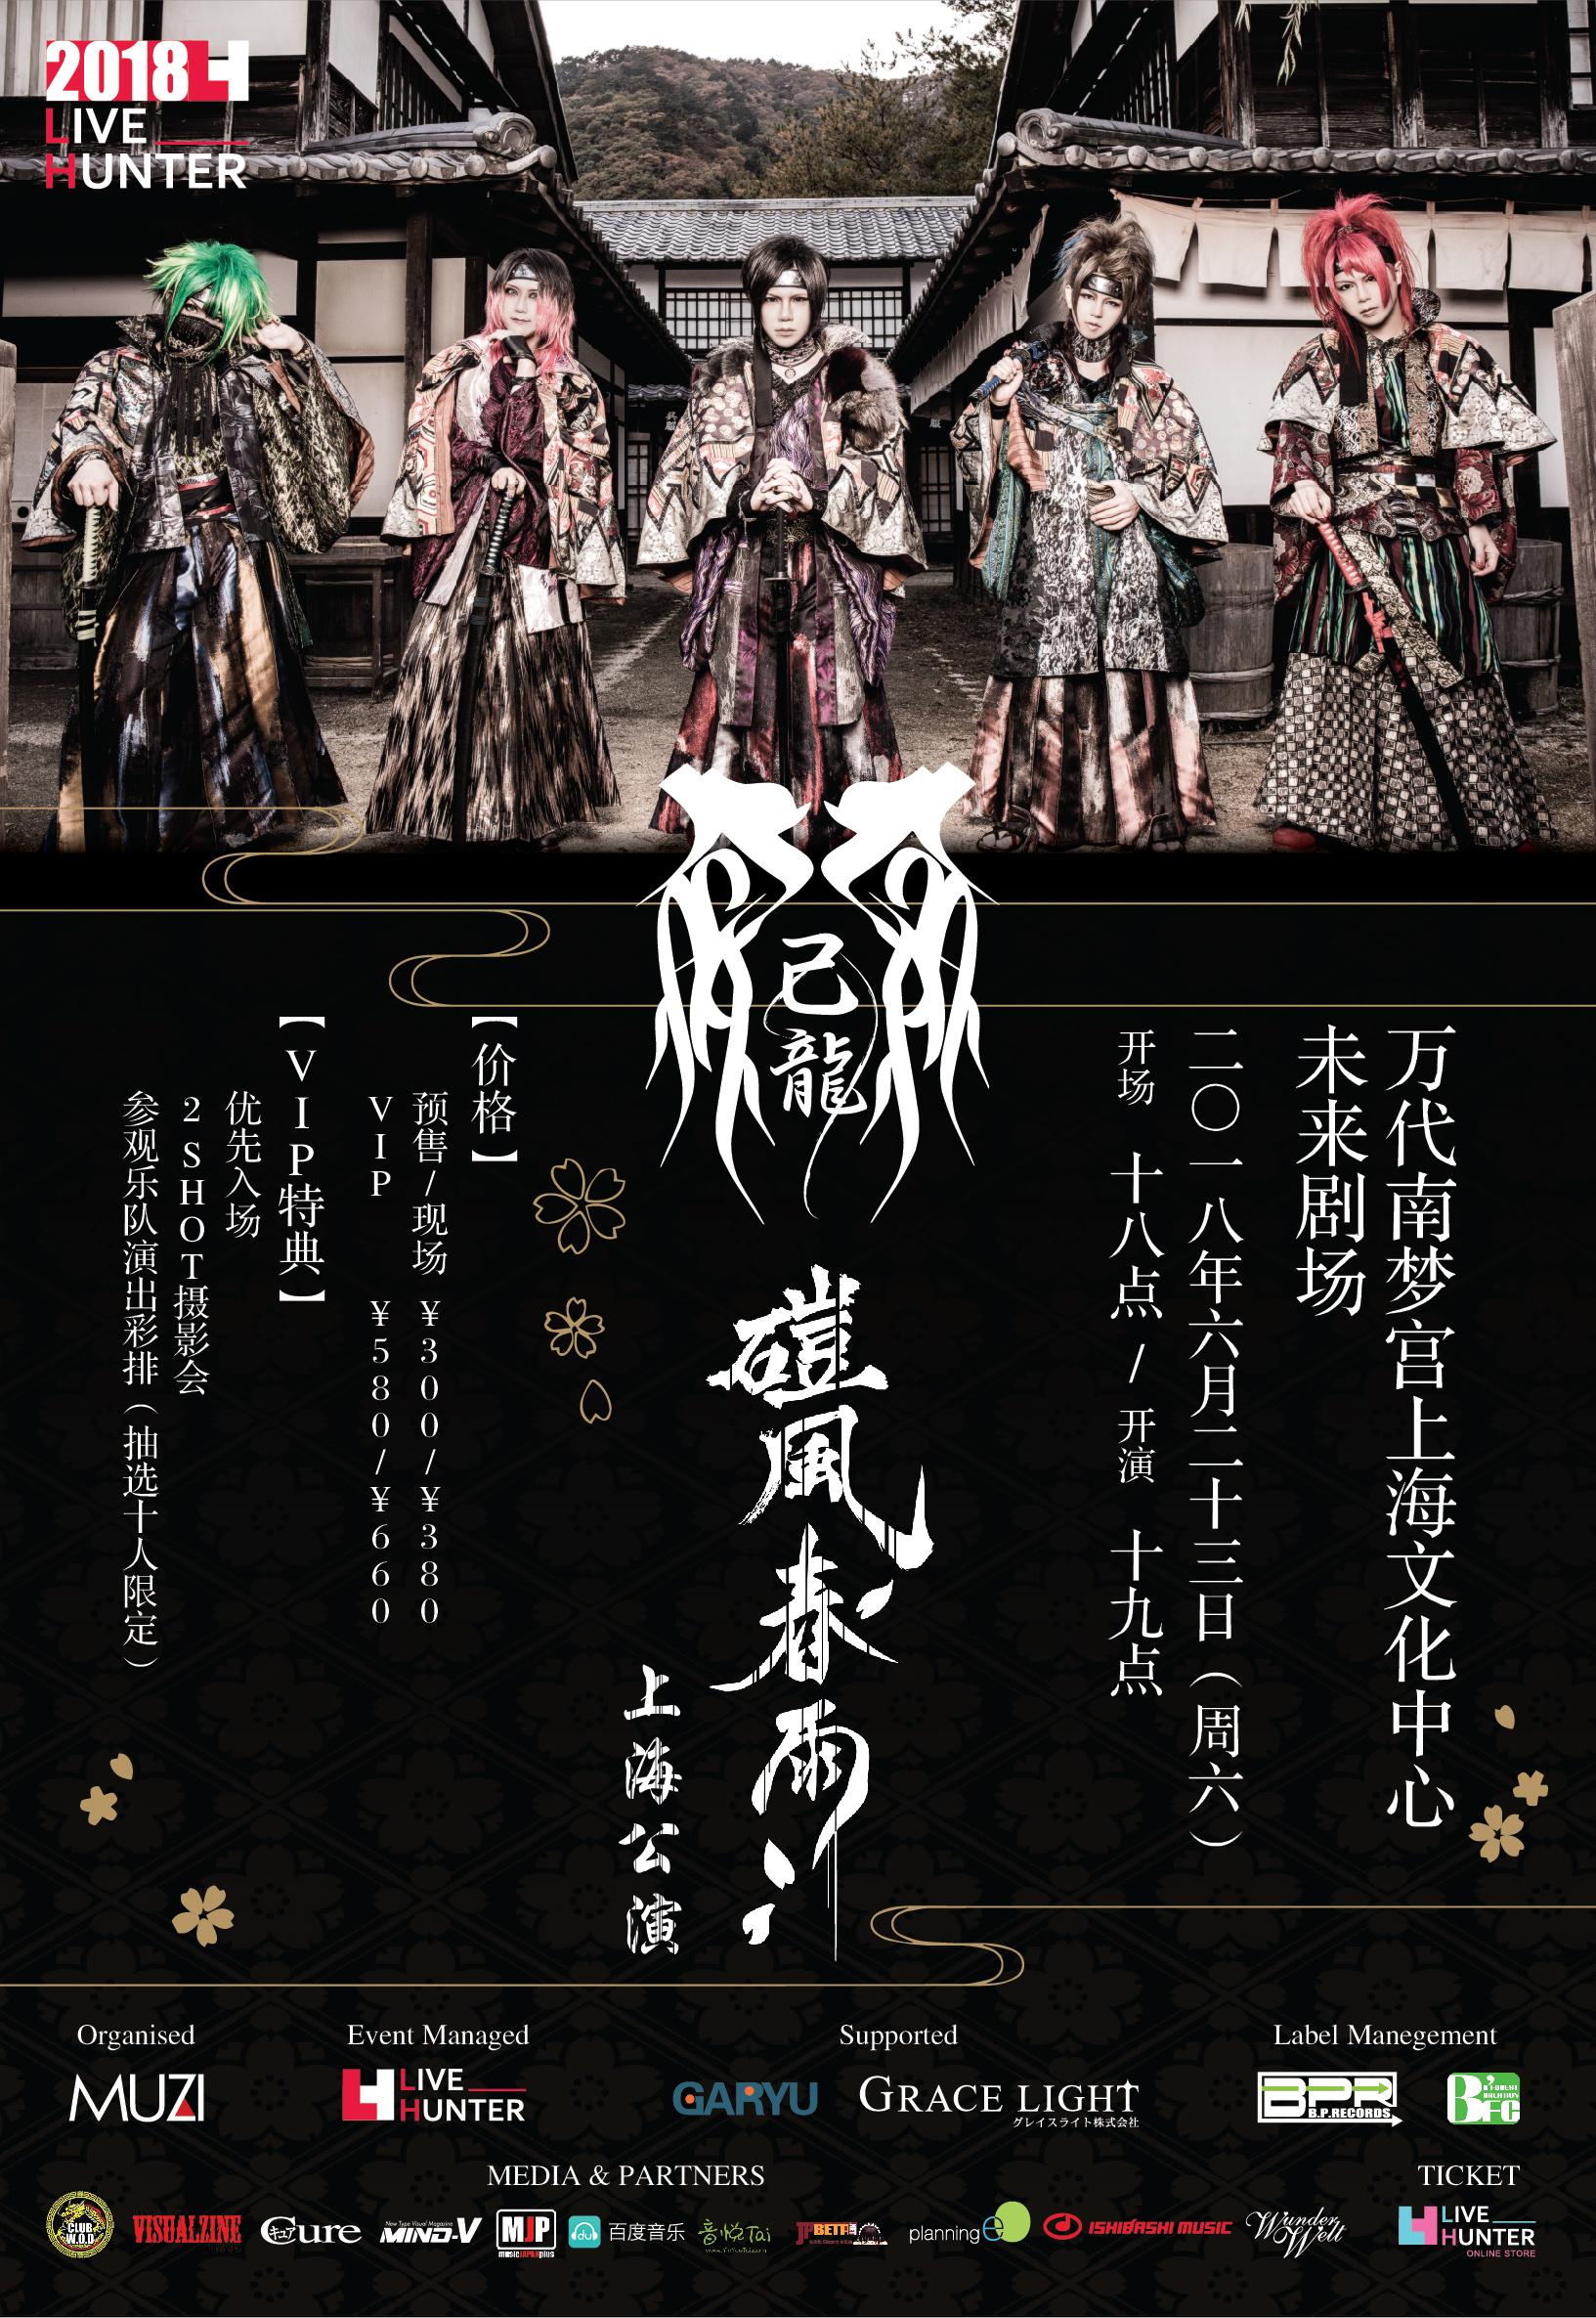 己龍上海公演